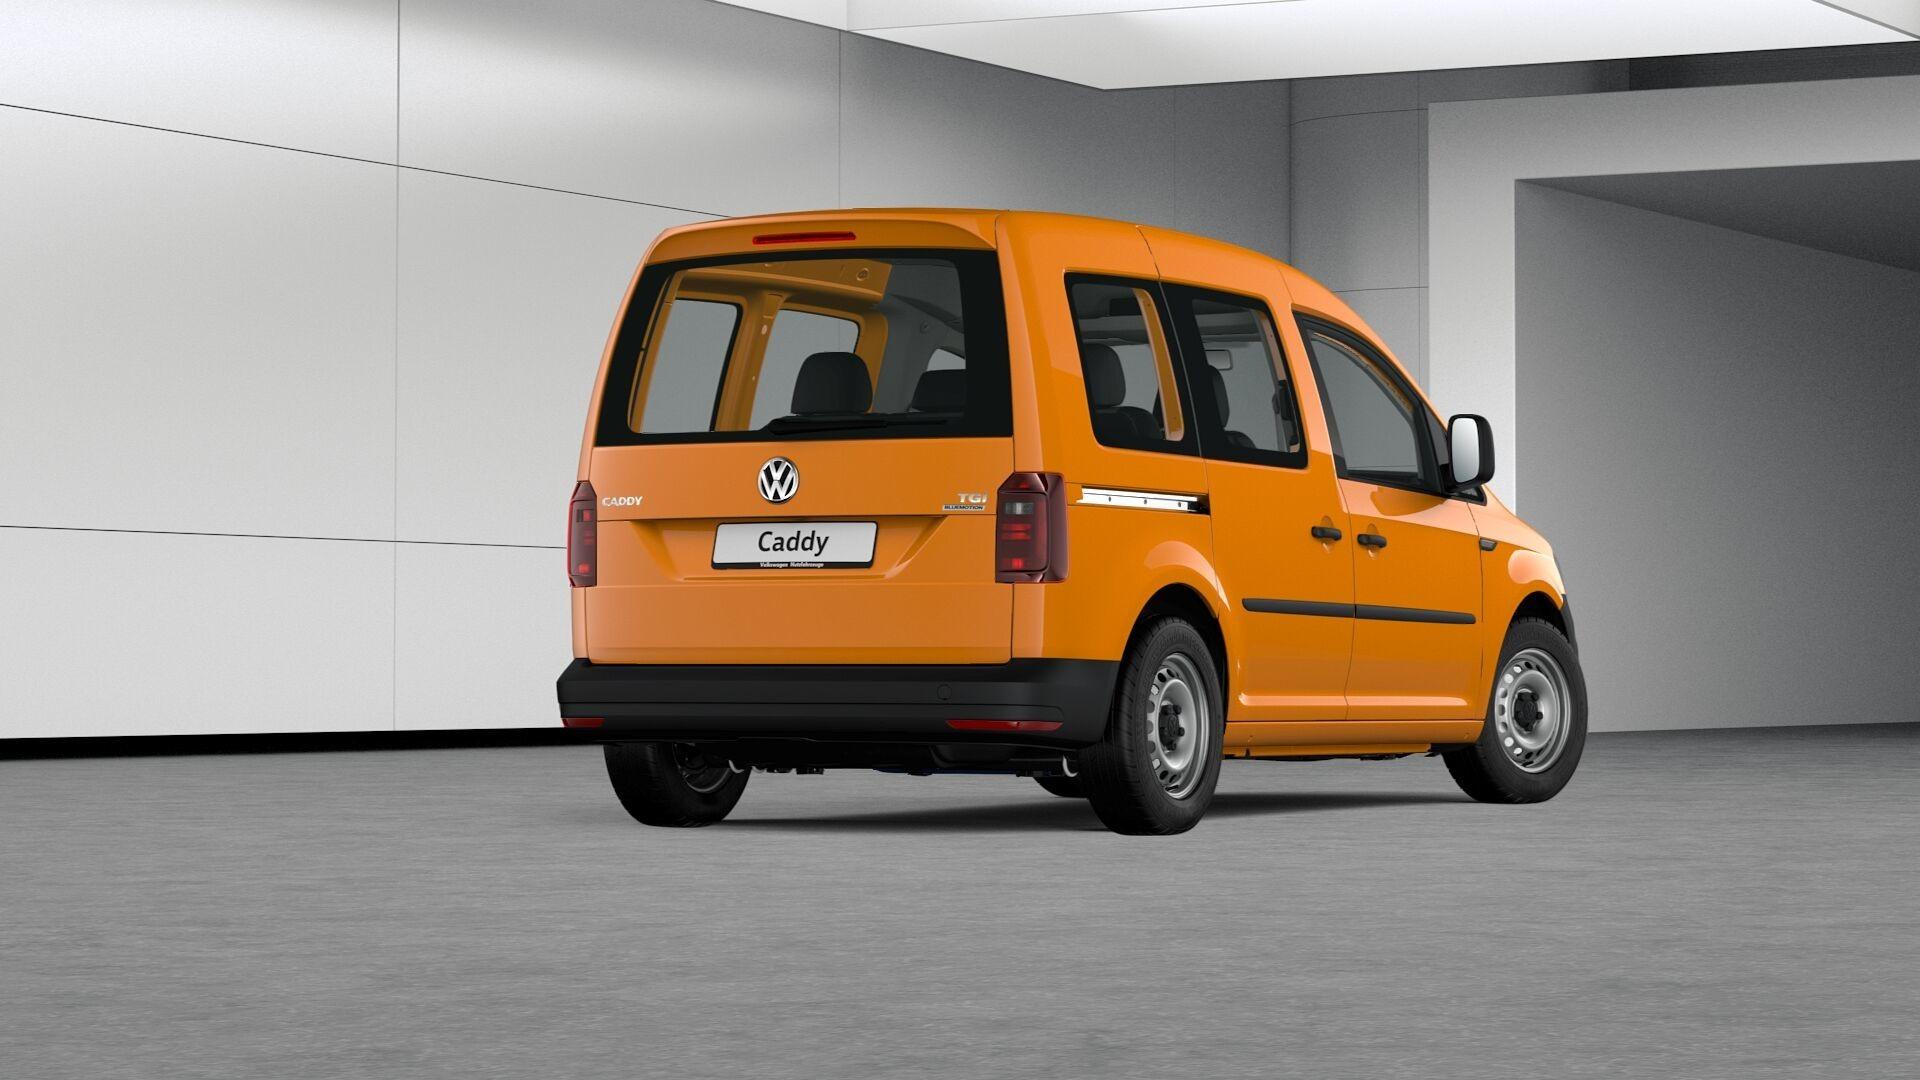 Oferta Volkswagen Caddy Gnc 4